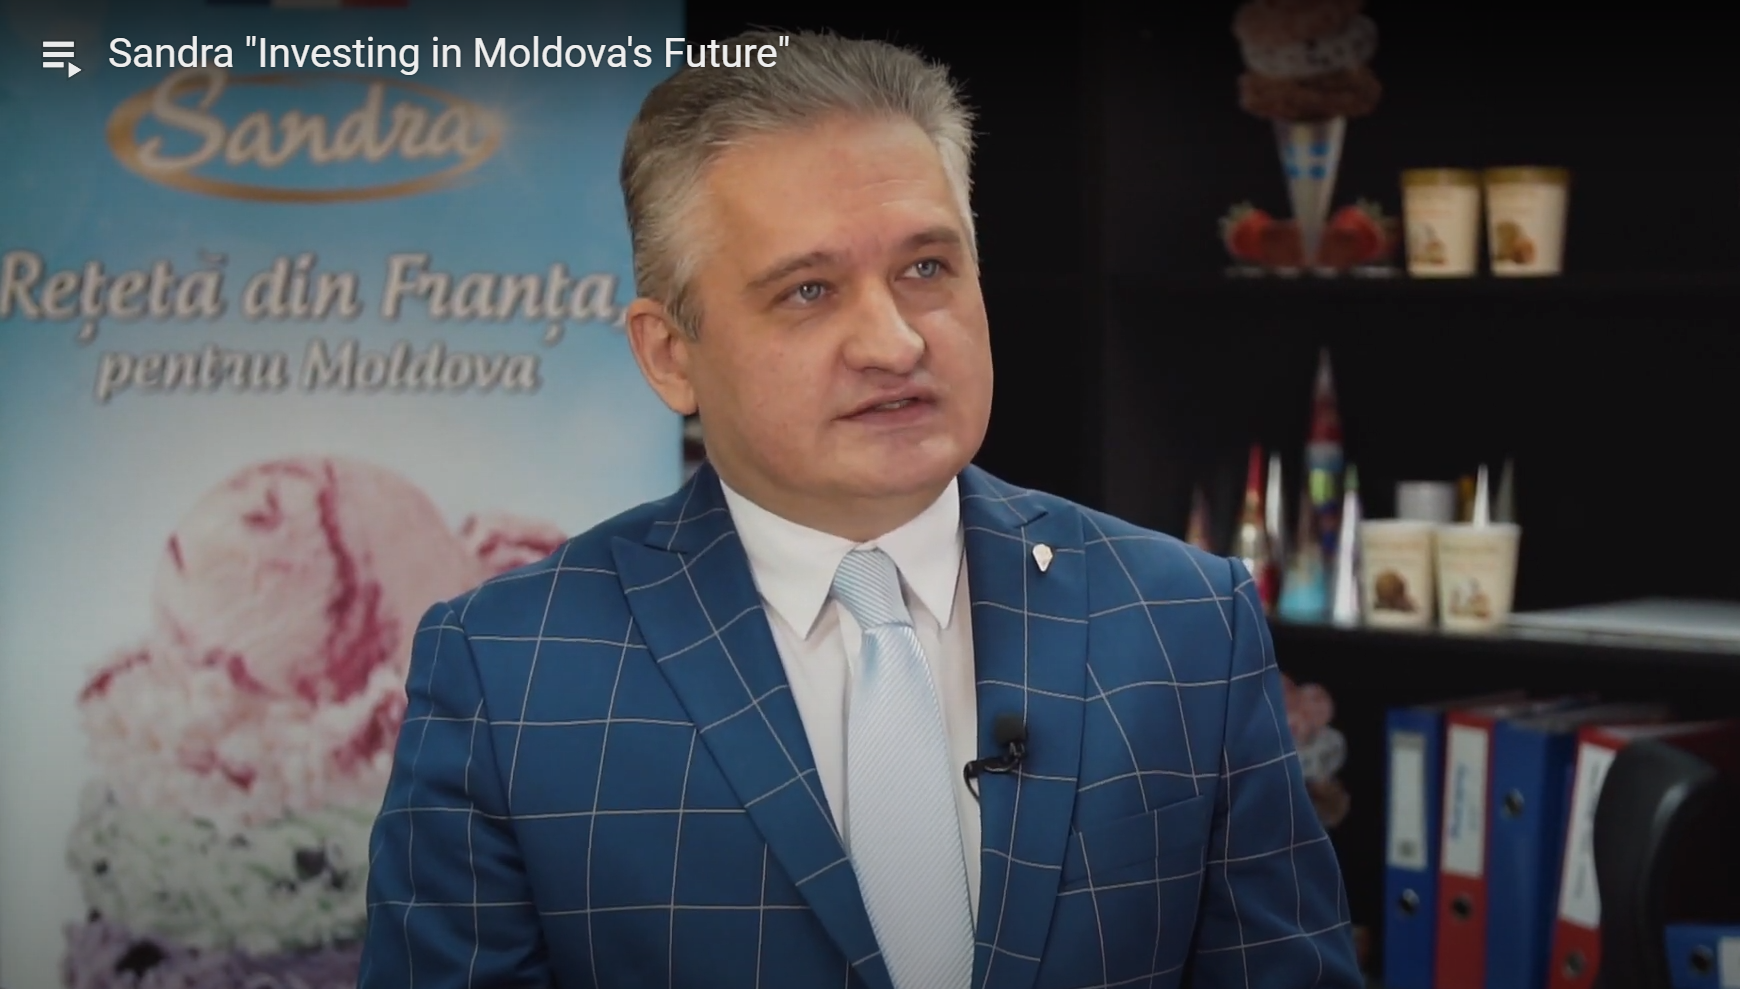 """Denis Bumacov, Sandriliona. """"Investing in Moldova's Future"""" Video Project"""